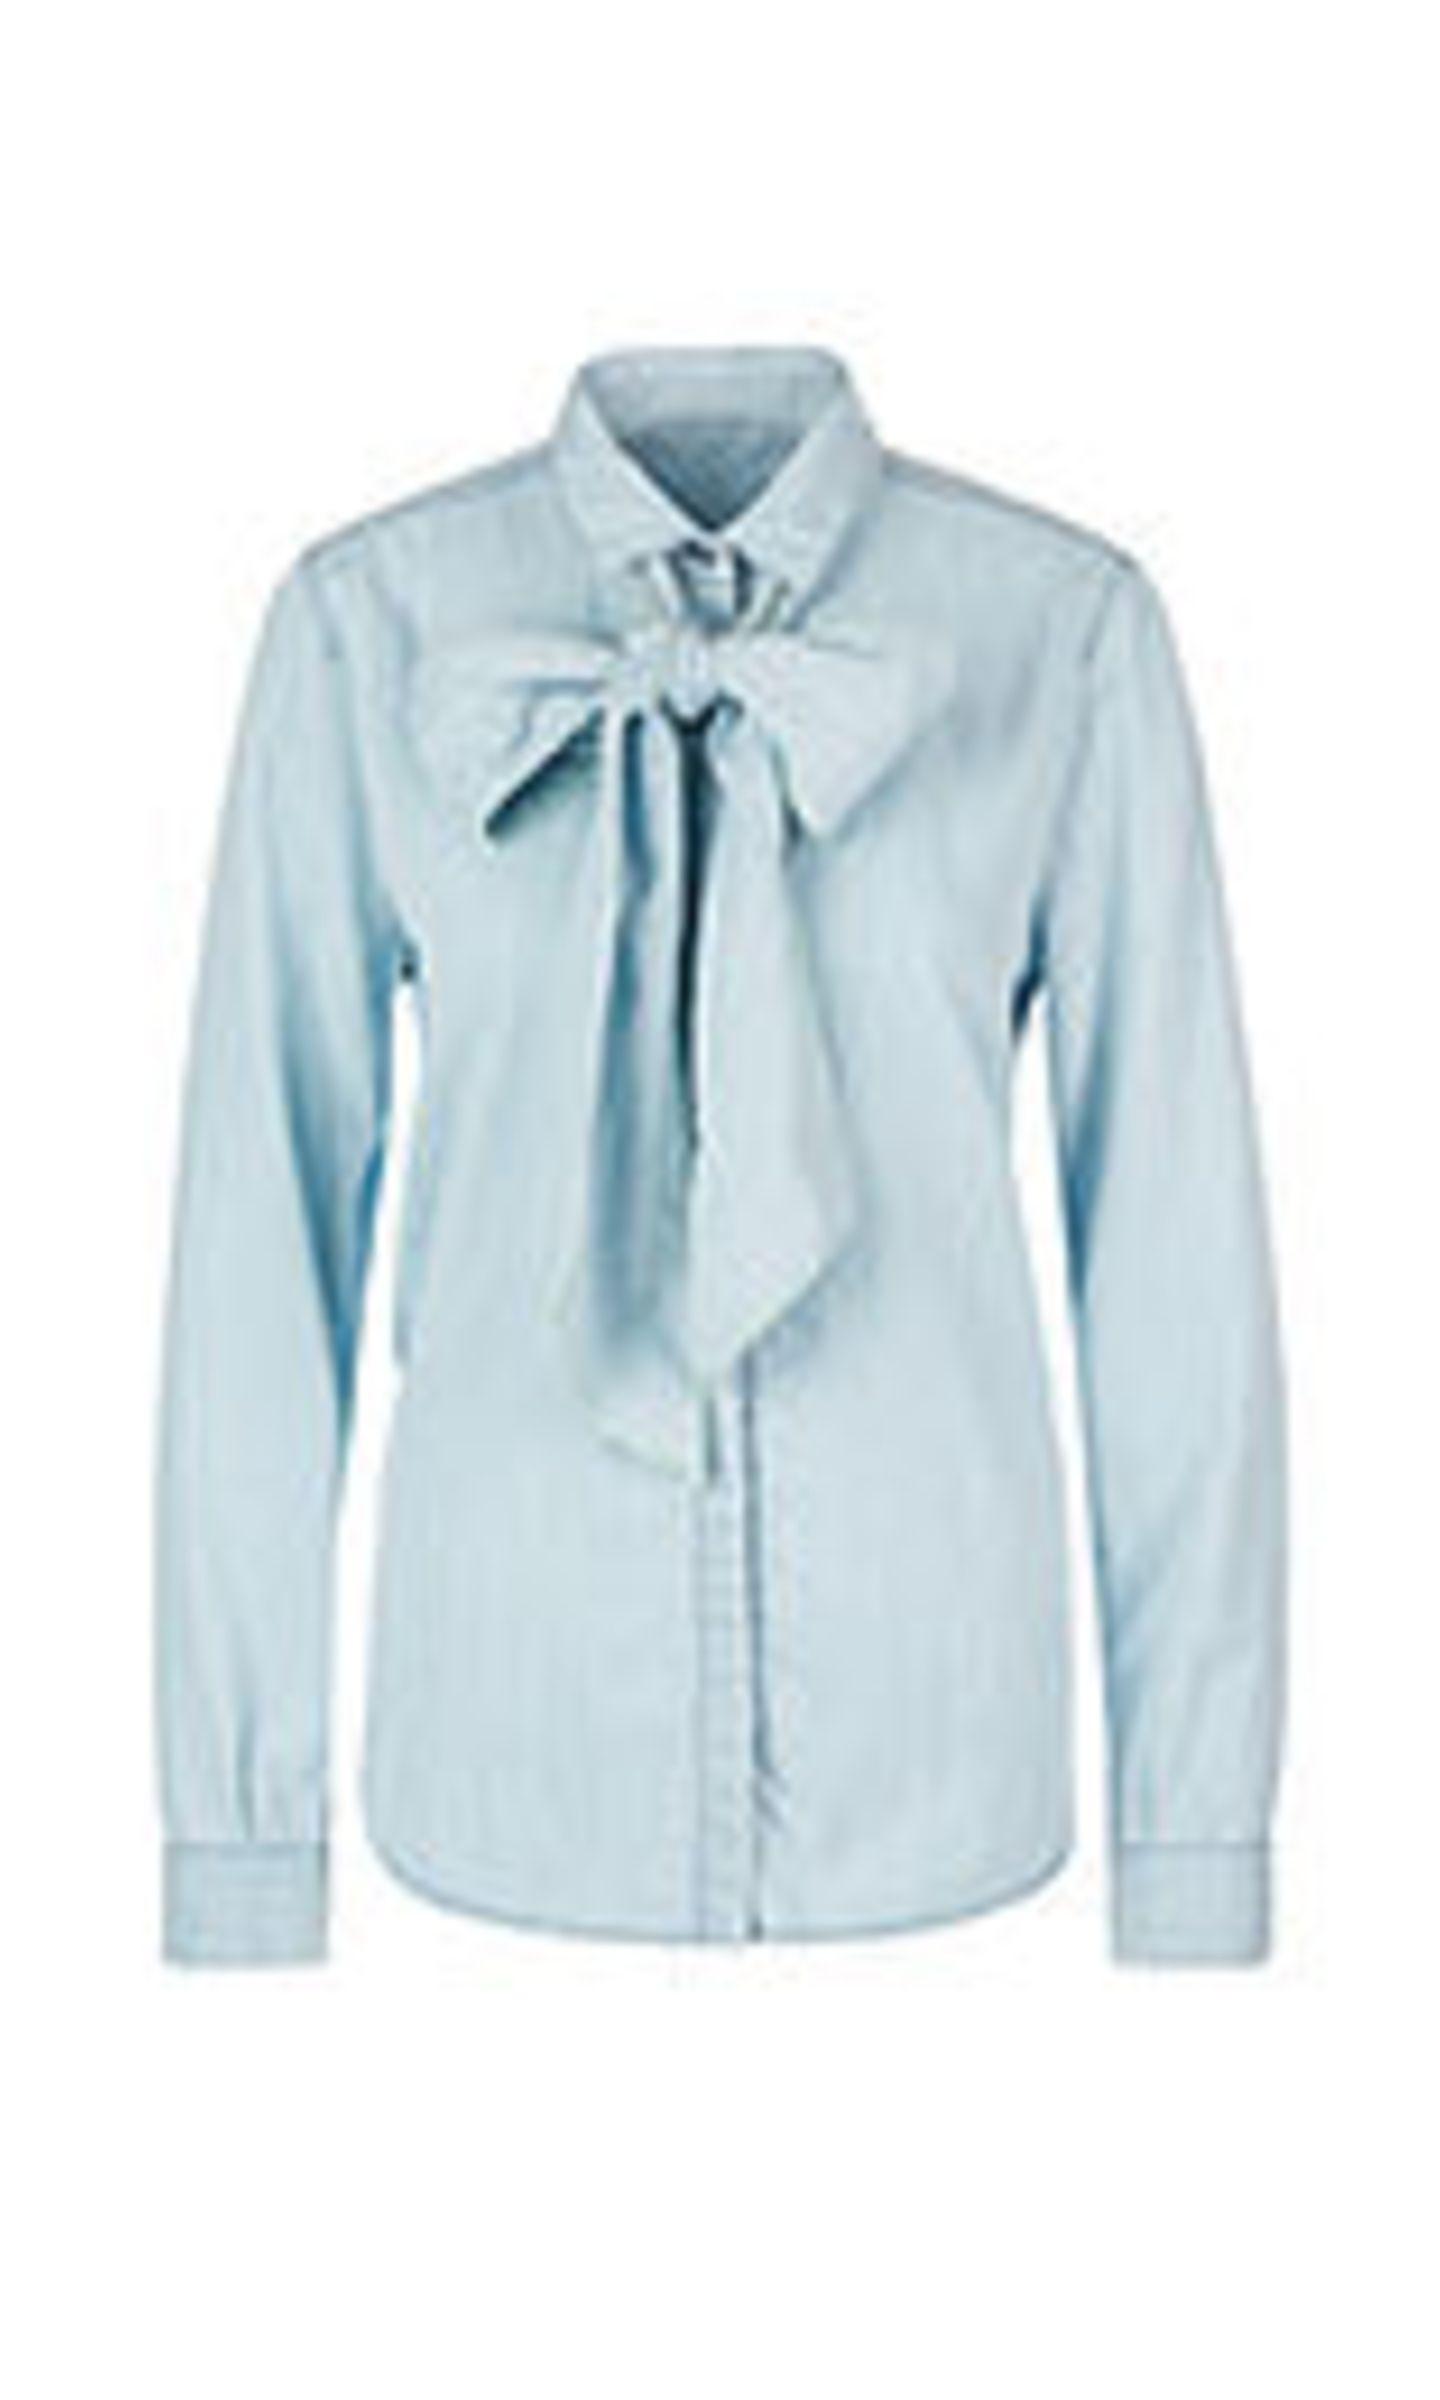 Die klassische Schluppenbluse kann auch trendy. Der leichte Jeansstoff macht aus der vermeintlichen Businessbluse im Nu ein cooles Go-to-Teil. Von Marc Cain, reduziert auf 97 Euro.